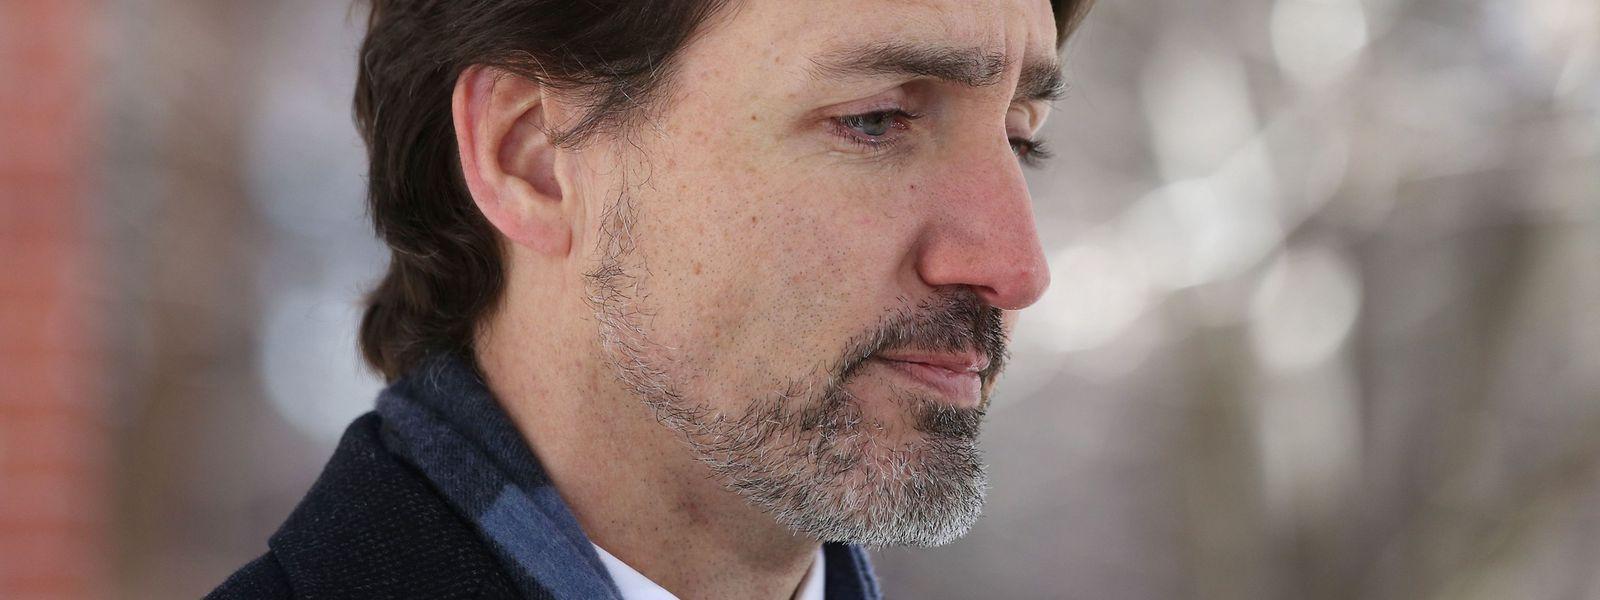 Der kanadische Regierungschef Justin Trudeau beobachtet die Vorgänge in den USA mit großer Sorge.